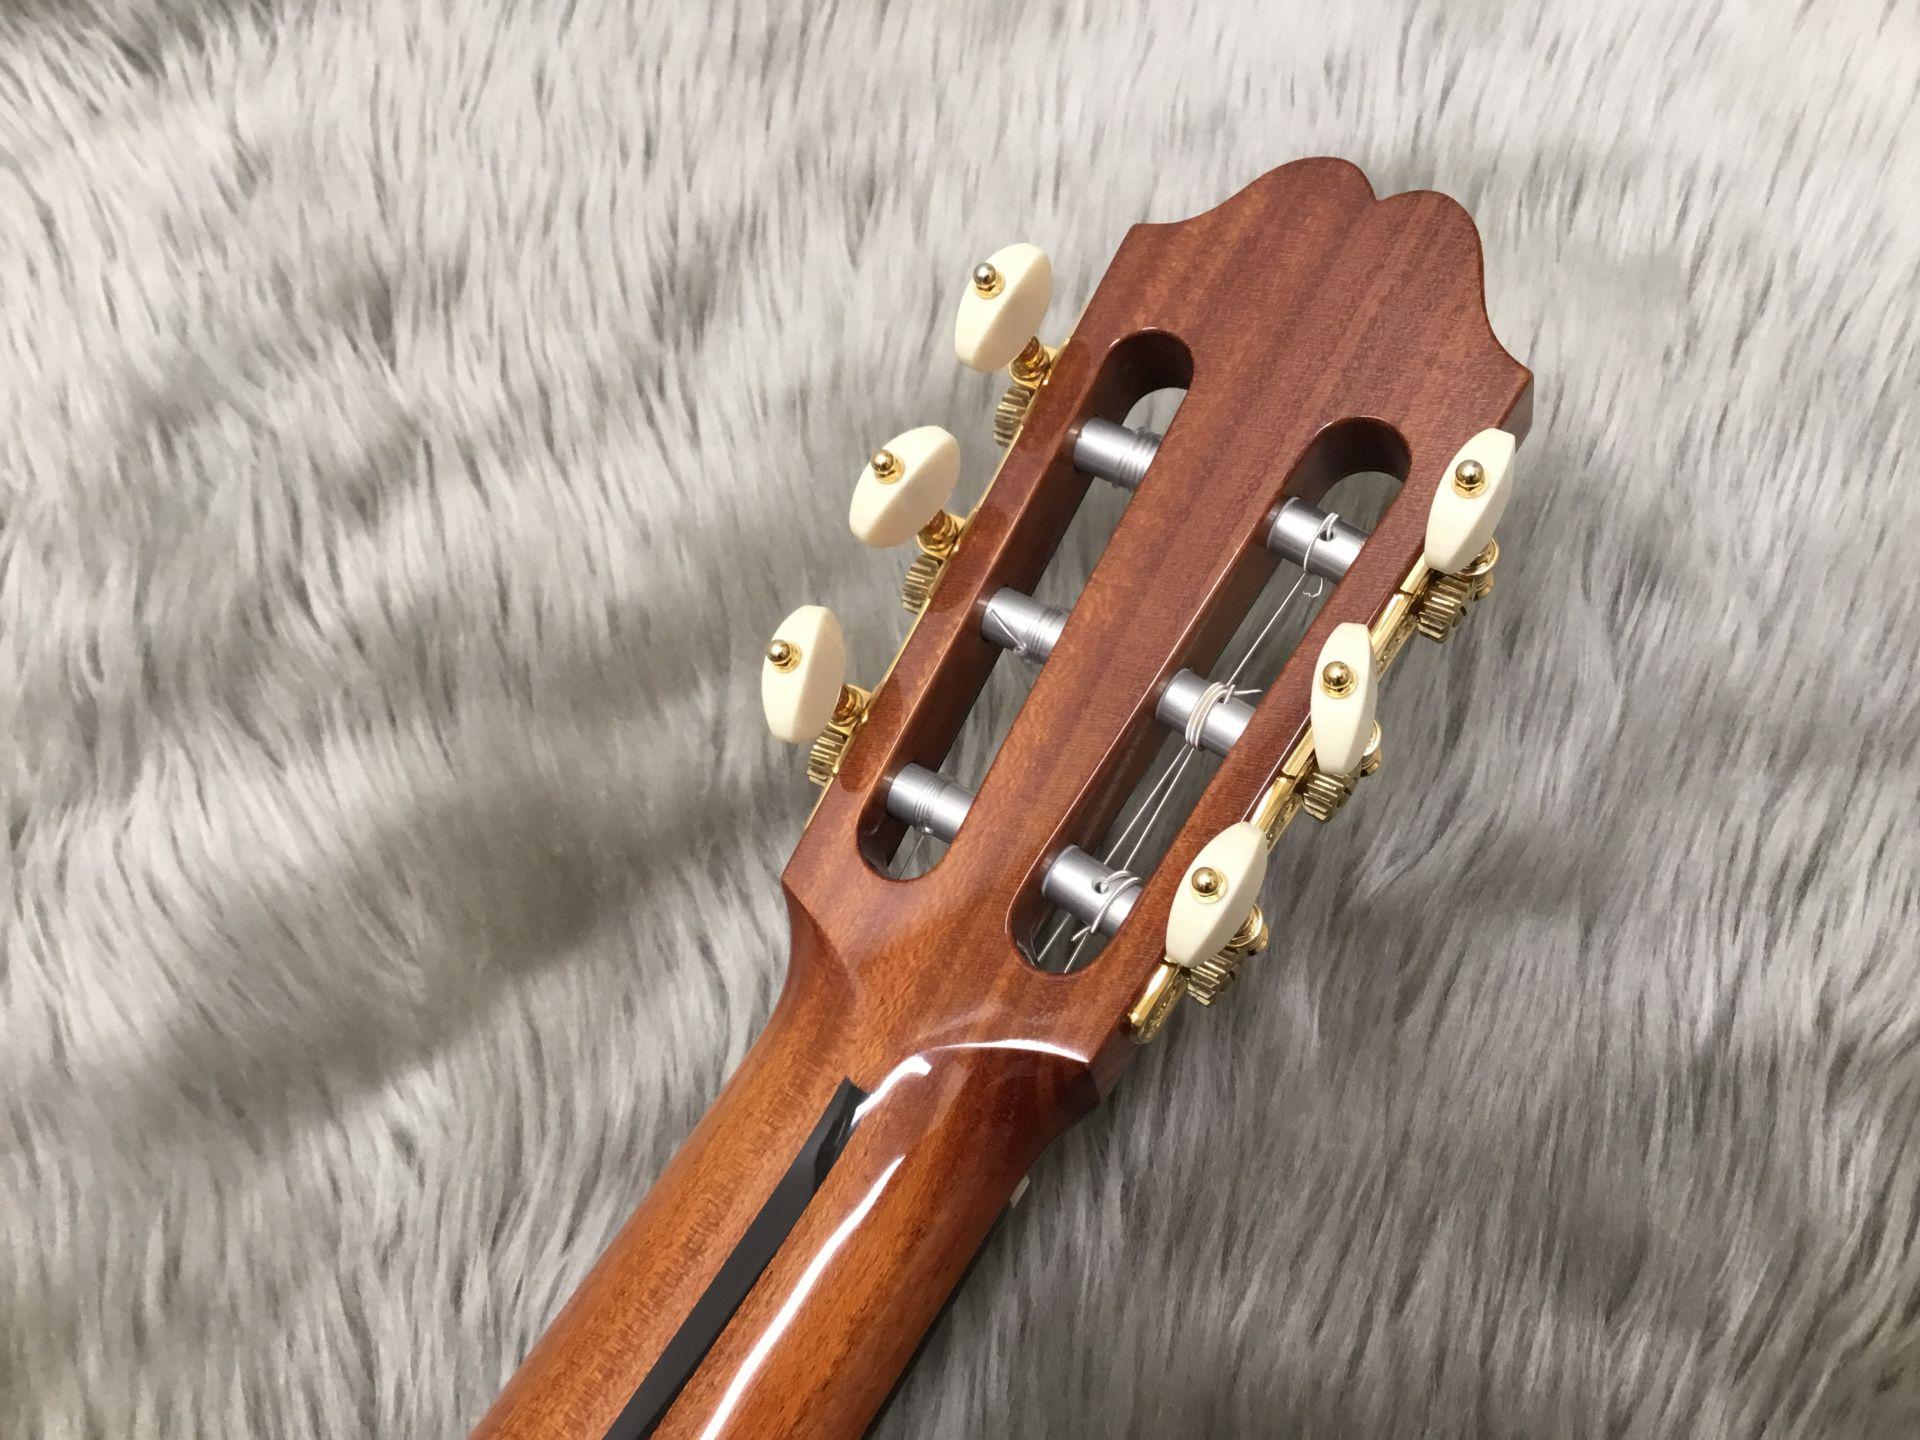 ダブルサイド RR(ローズ・ローズ)のヘッド裏-アップ画像